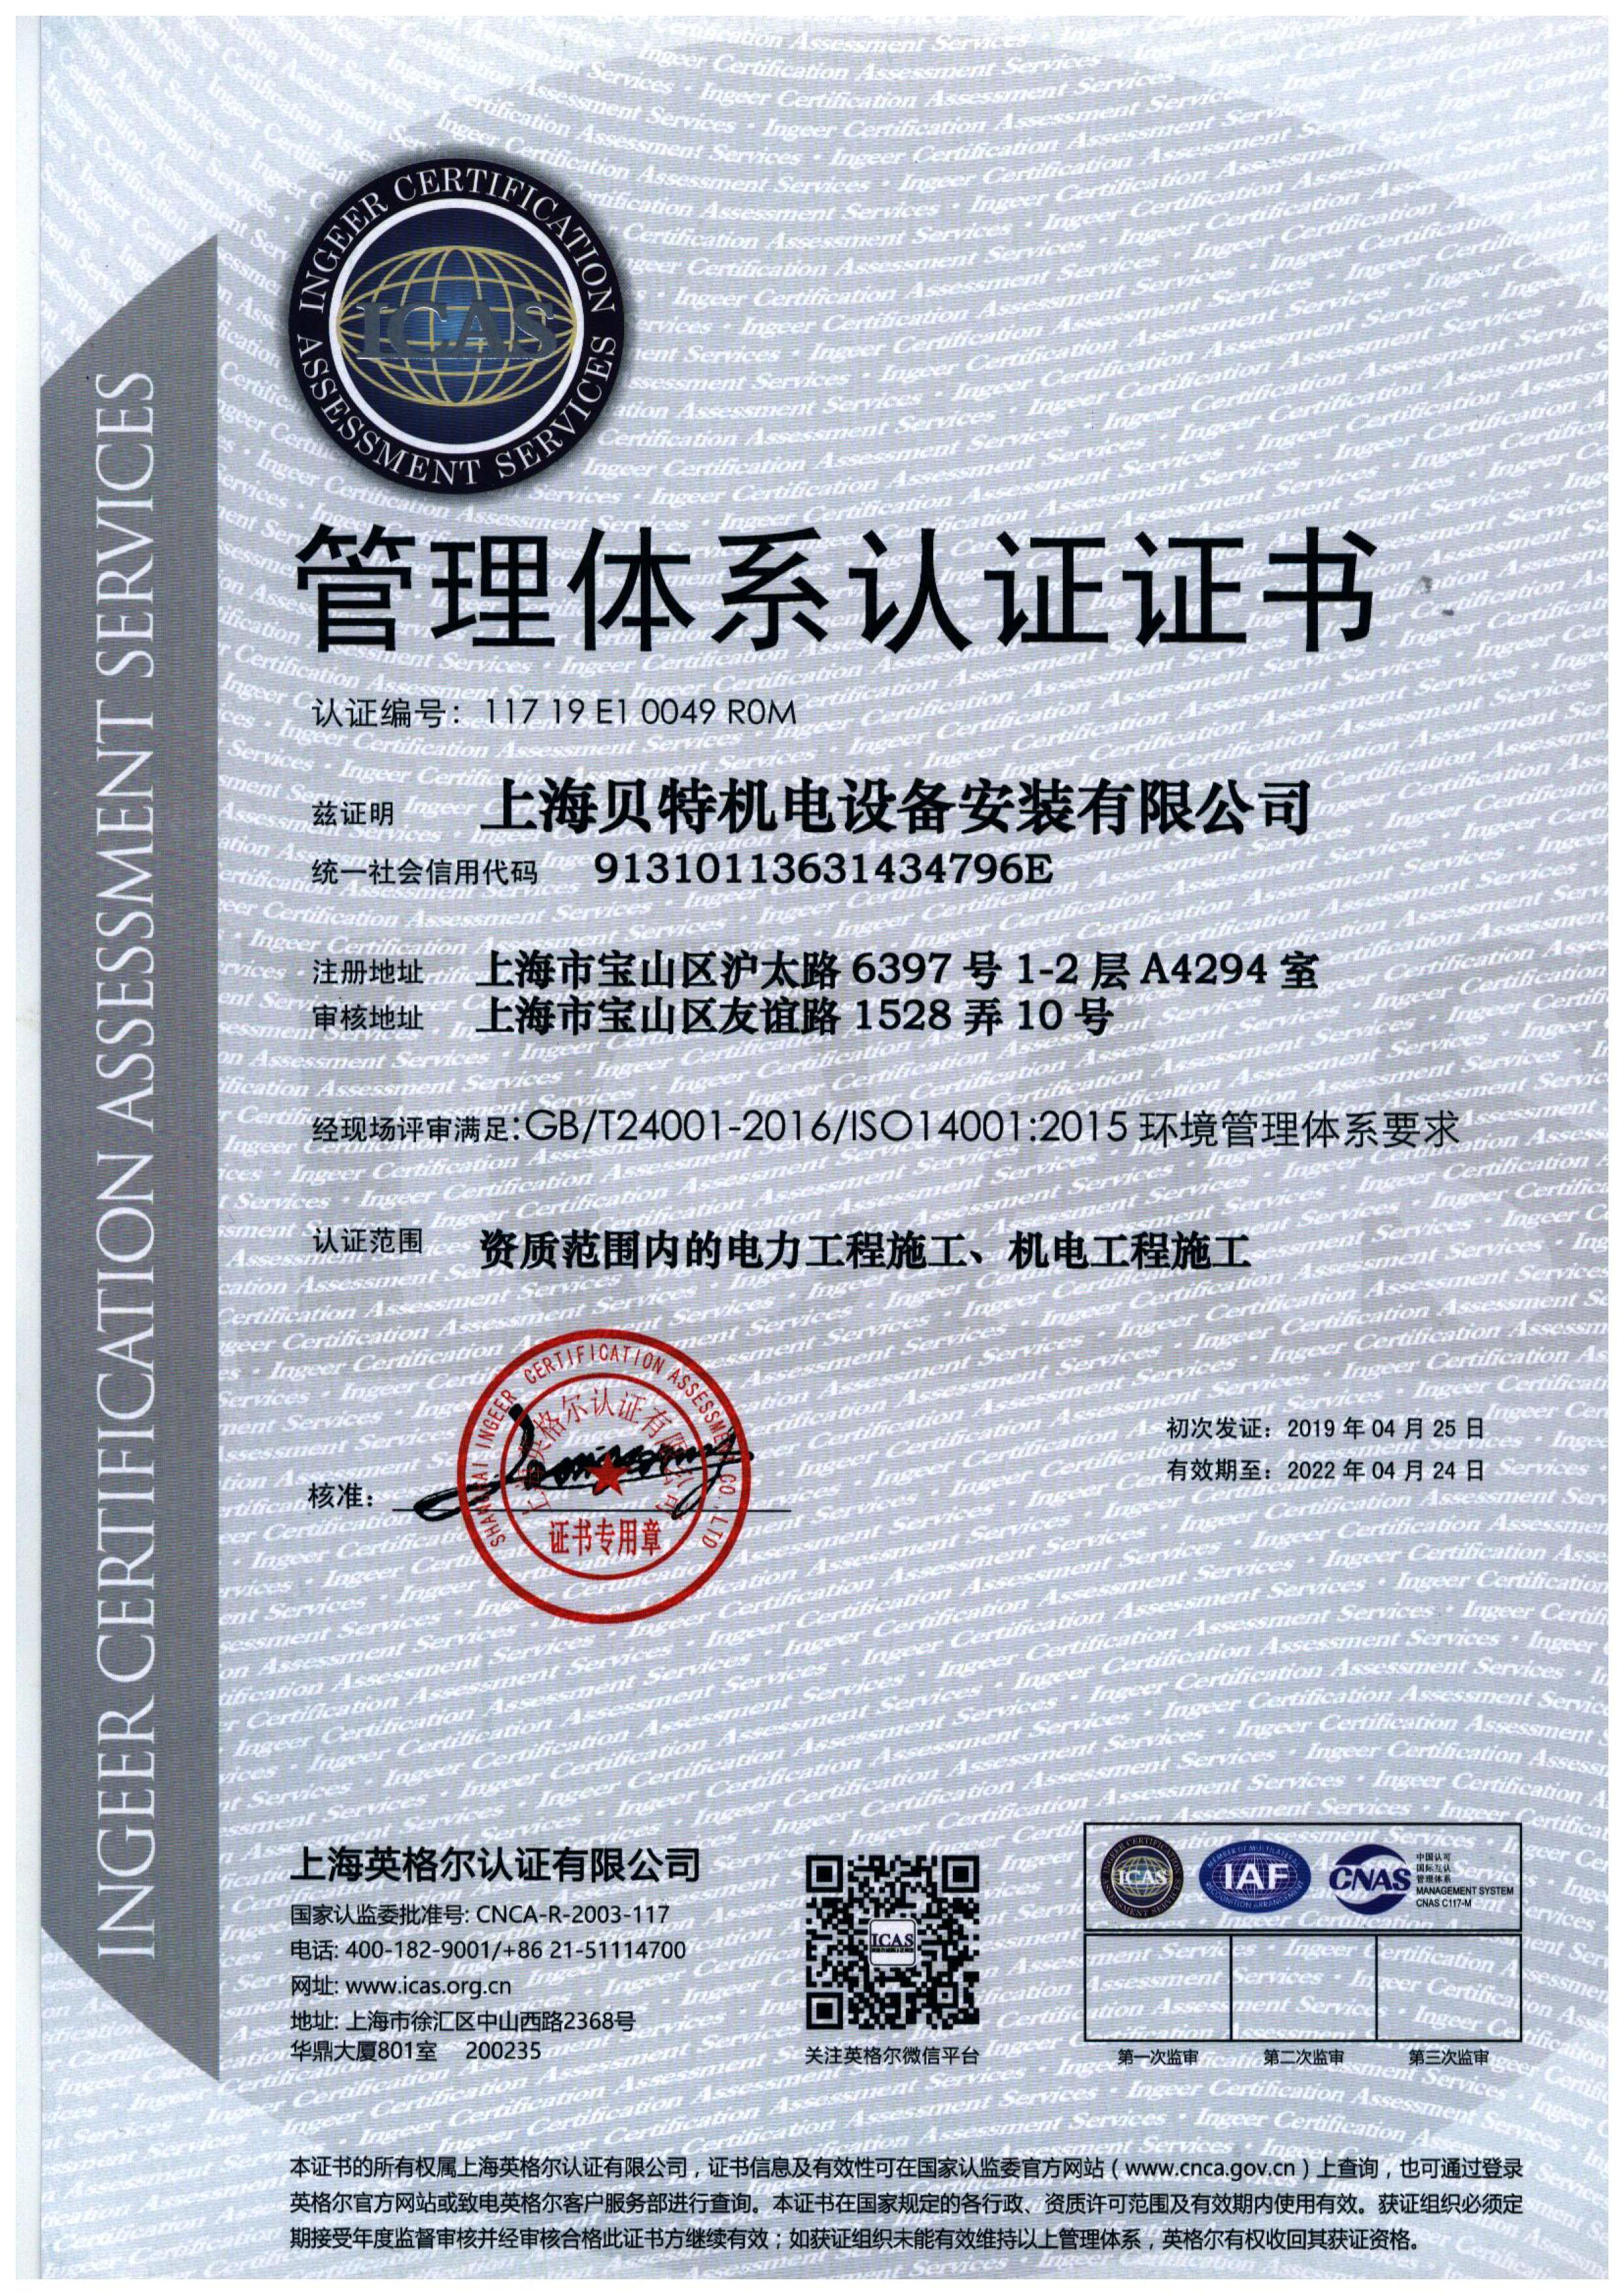 管理体系证书-环境管理要求-1